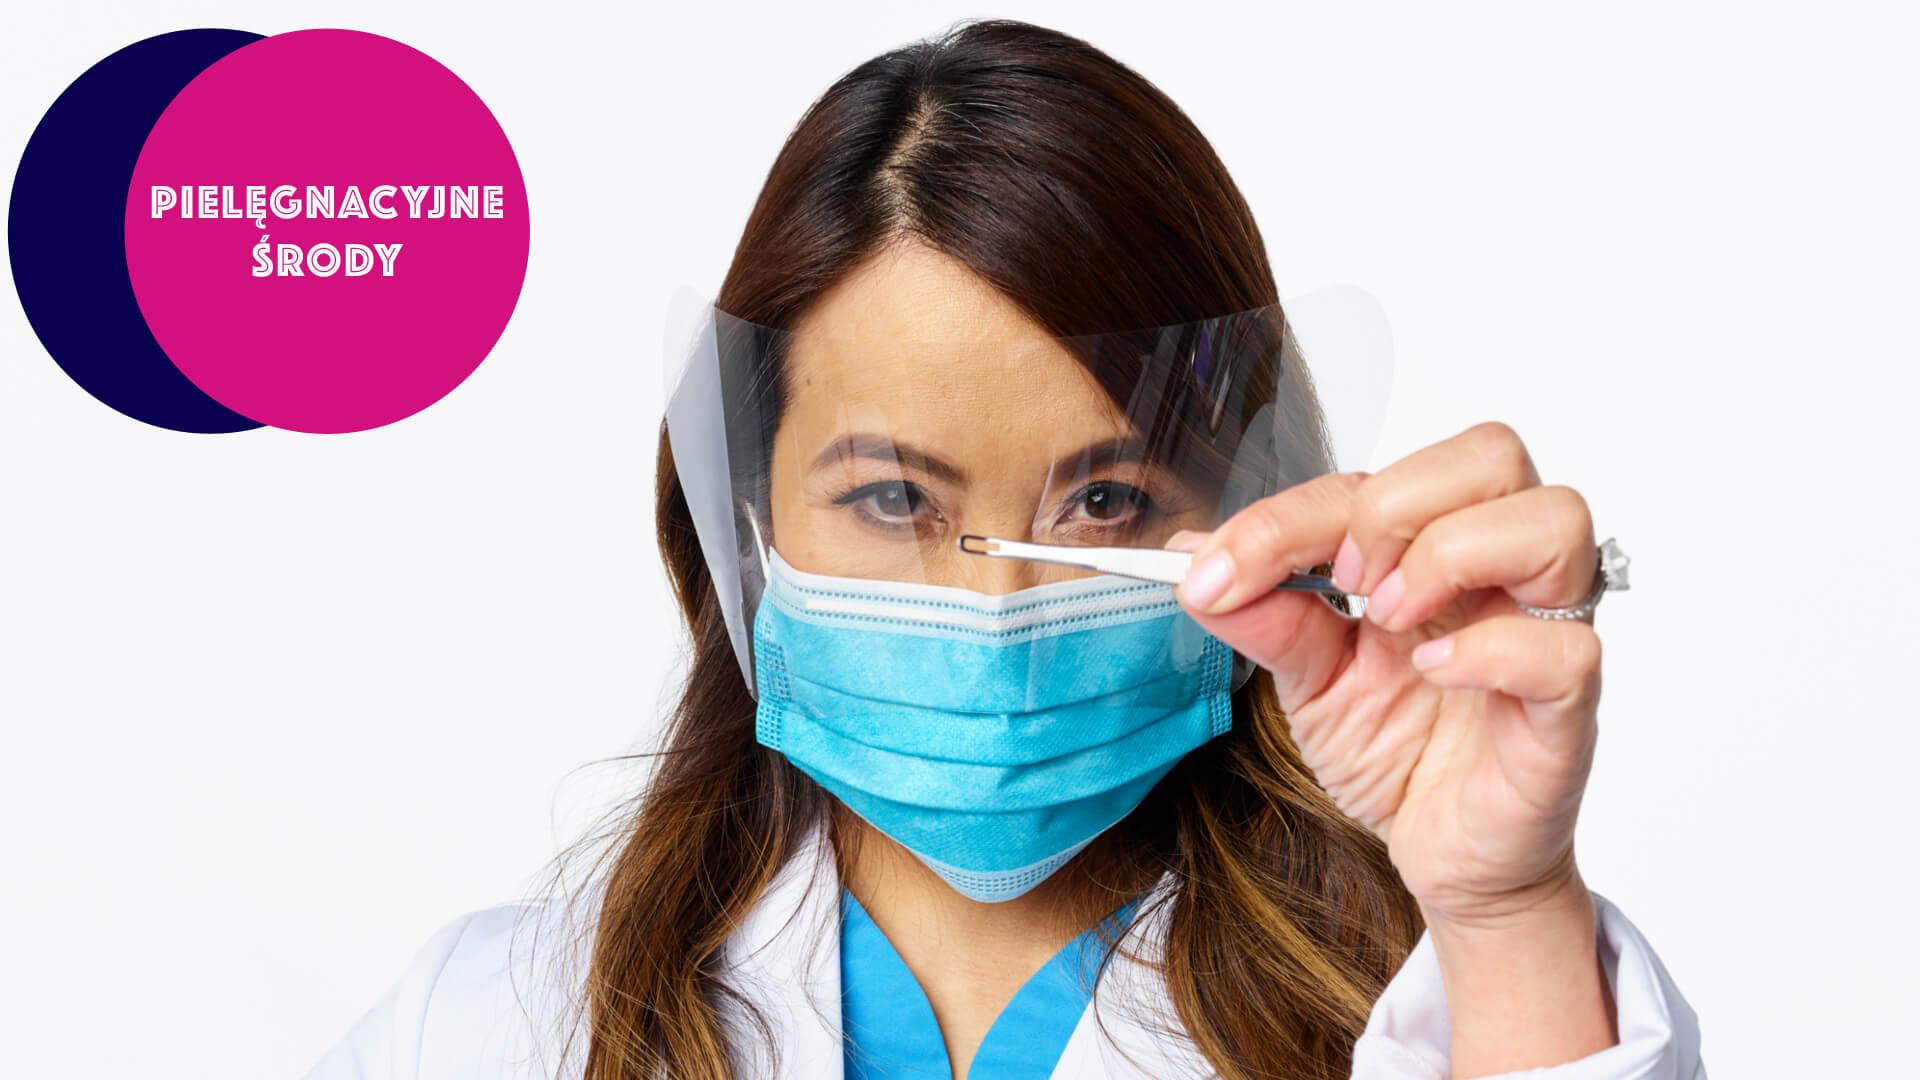 Masz trądzik a używasz popularnych masażerów do twarzy? DR. Pryszczylla ma dla Ciebie radę (PIELĘGNACYJNE ŚRODY)